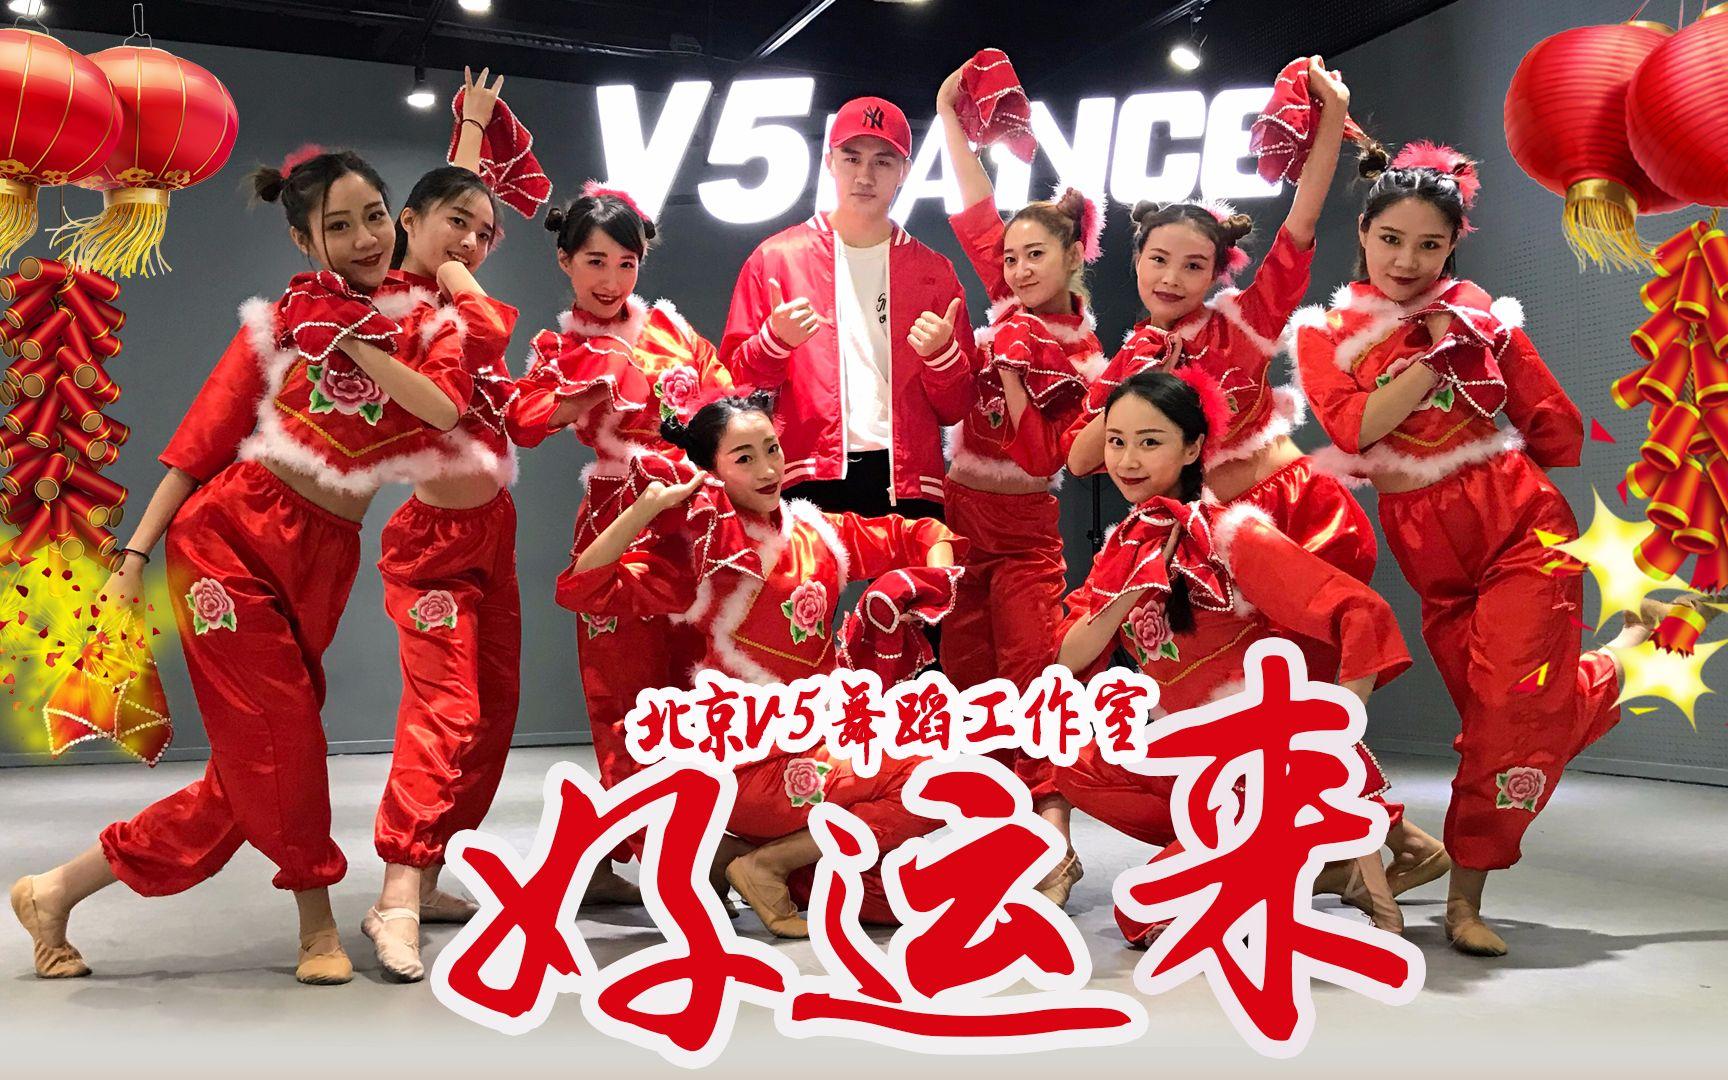 【北京V5舞蹈工作室】原创编舞【好运来】